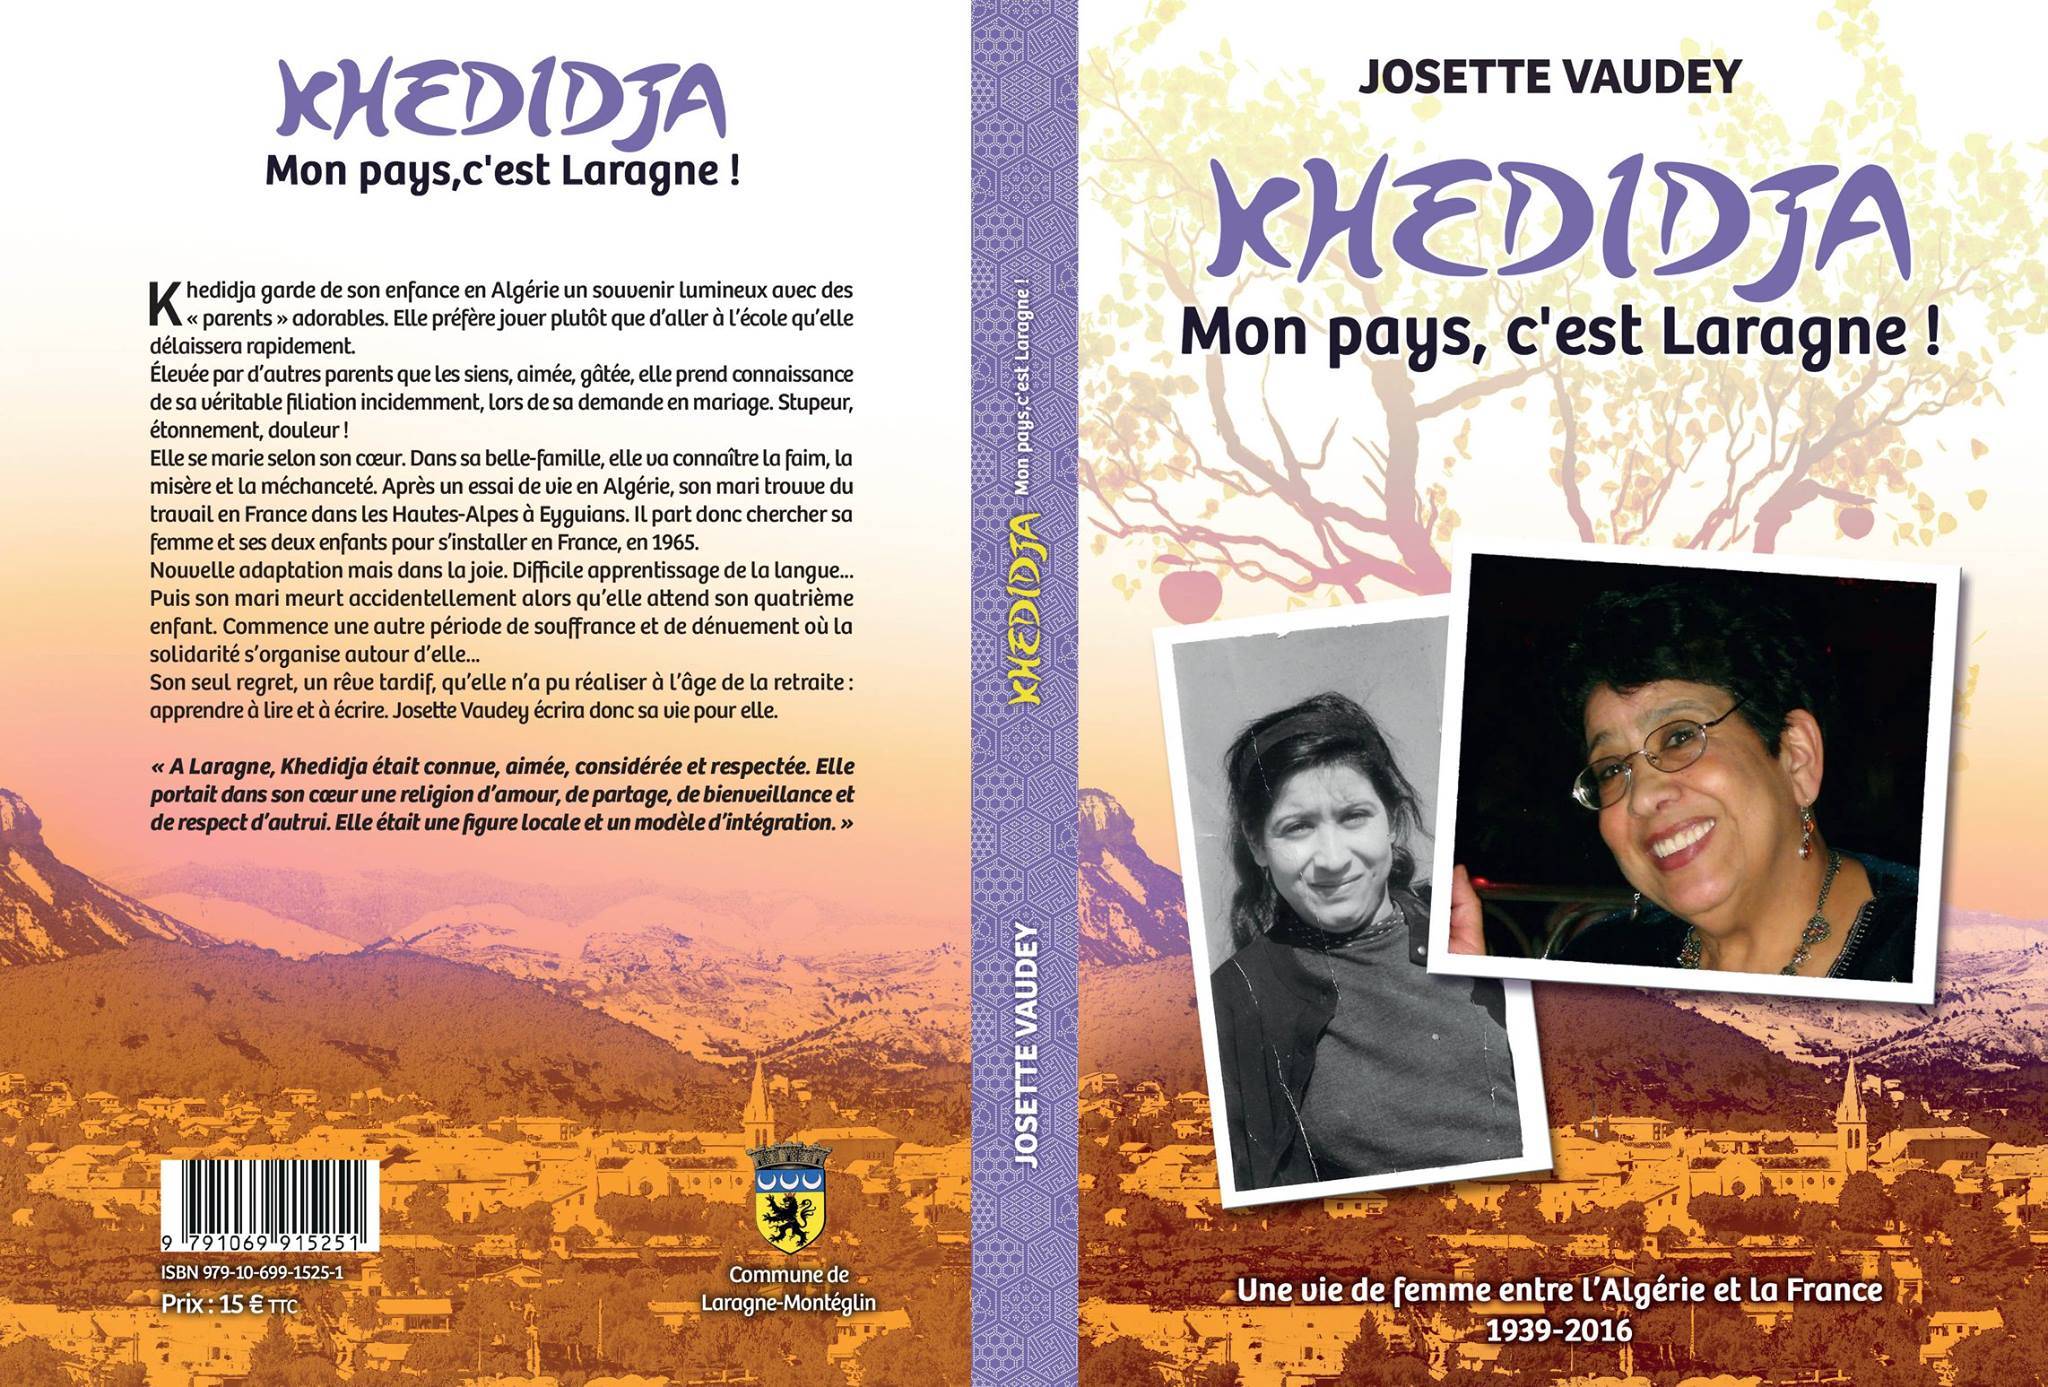 Couverture du livre de josette Vaudey